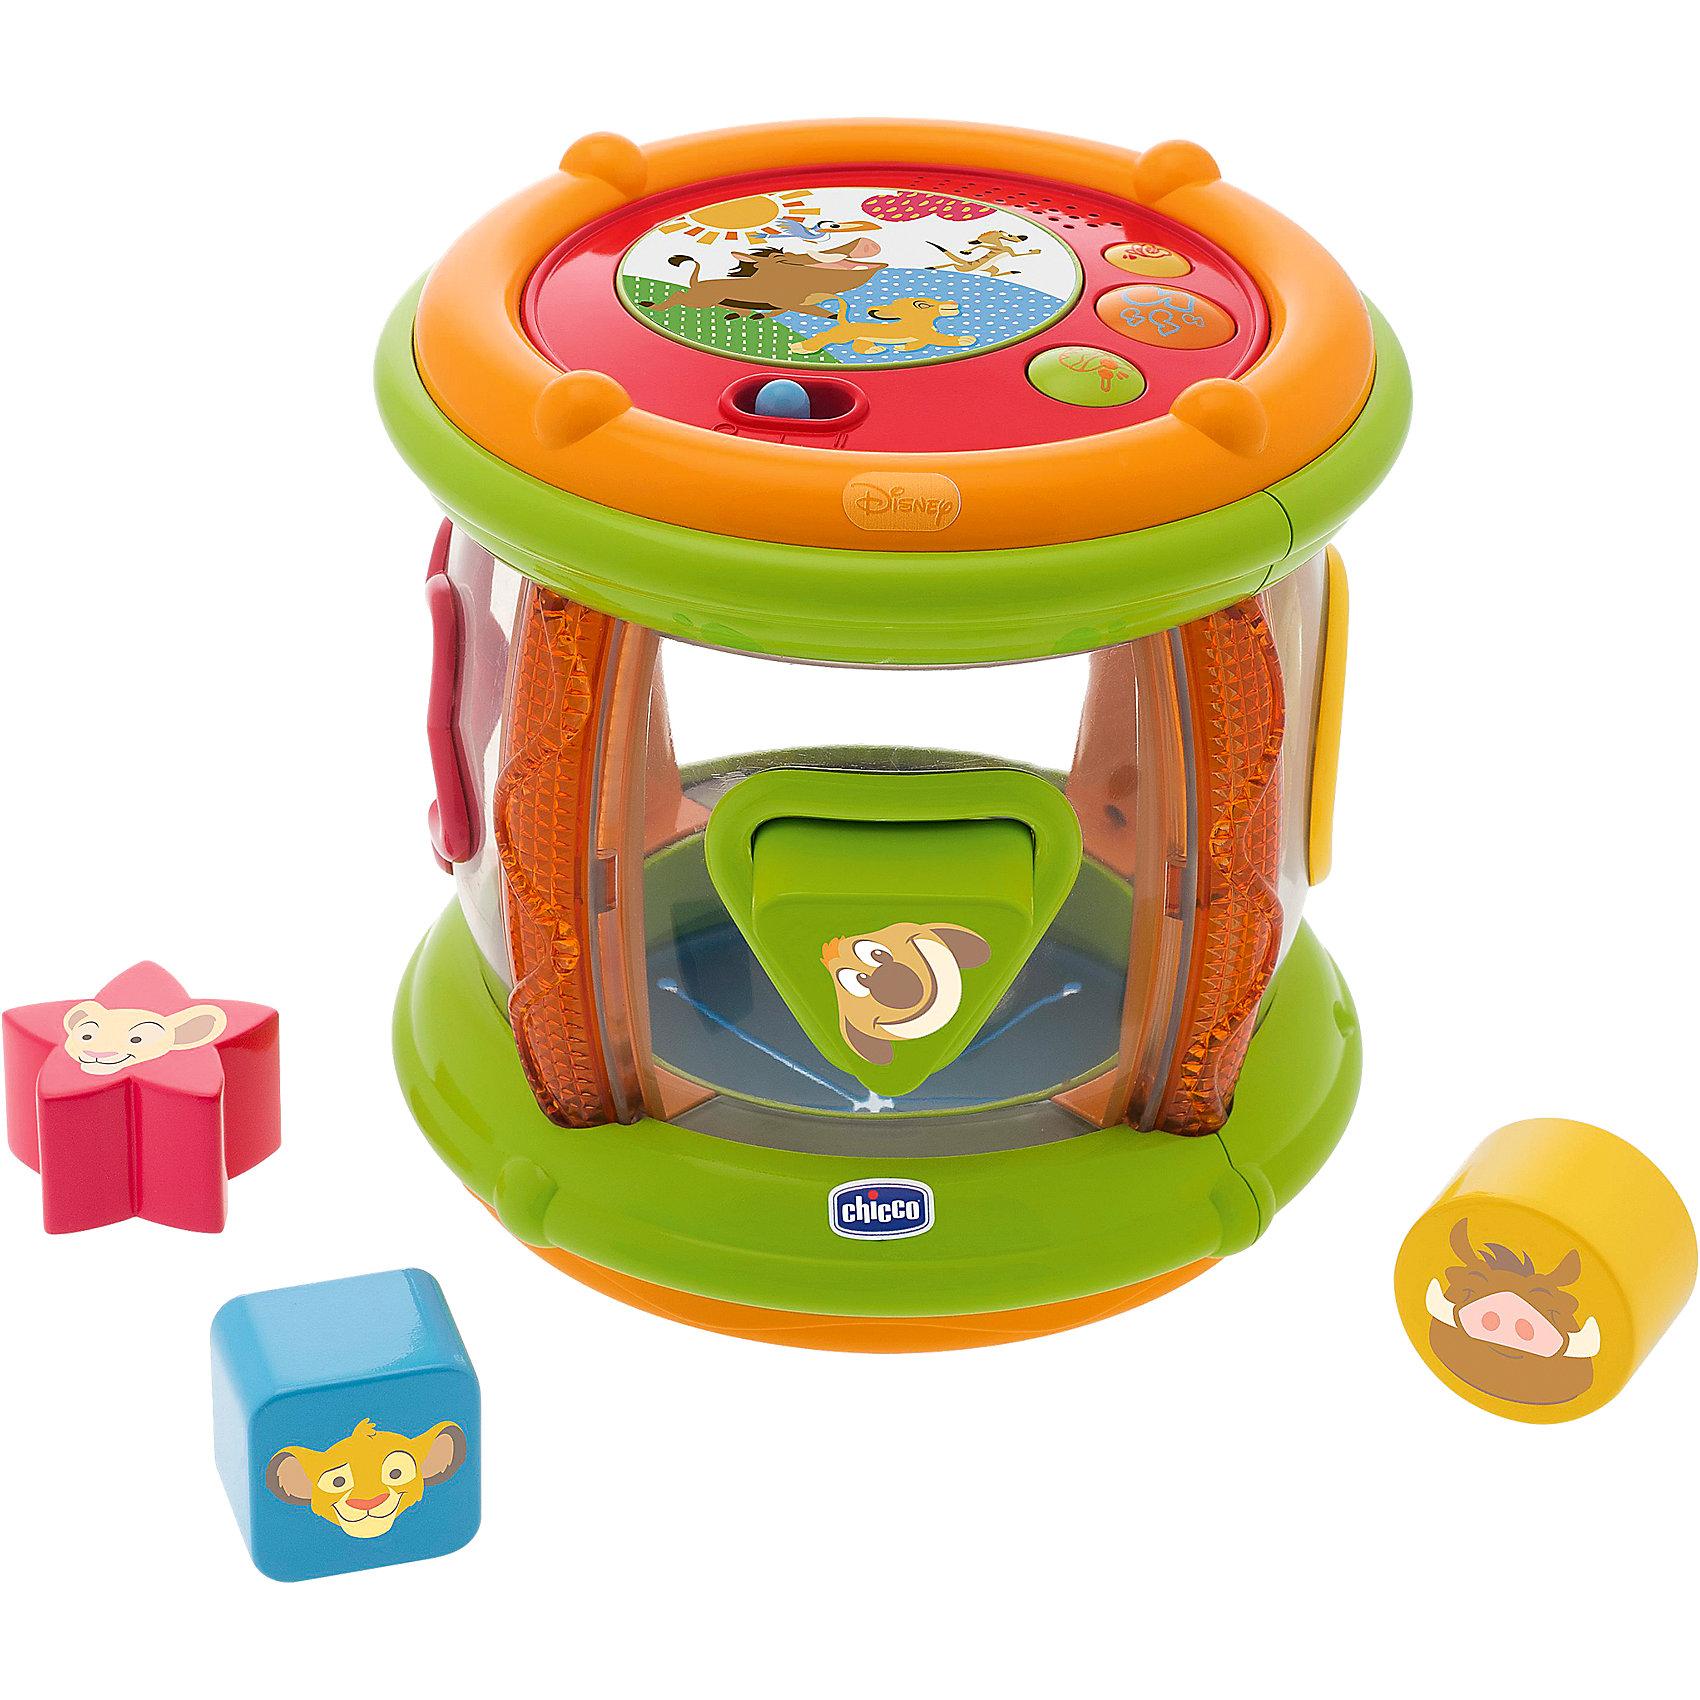 Музыкальный барабан Король Лев, Disney, CHICCOСортеры<br>Музыкальный барабан Король Лев, Disney, CHICCO (ЧИКО) – это 3 в 1 электронный барабан, сортер и роллер.<br>Музыкальный барабан от Chicco (Чико) c полюбившимися персонажами из анимационного фильма «Король Лев» перенесет вашего малыша в мир Disney! Игрушка включает в себя три интересные функции. Игрушка-сортер: 4 разноцветные фигурки разной формы нужно вставлять в соответствующие отверстия. Развивает логическое мышление, мелкую моторику и координацию. Музыкальная игрушка: кнопки запускают веселые мелодии, звуковые эффекты и звуки барабана. Развивает слуховое восприятие и музыкальные способности. Игрушка-роллер: благодаря цилиндрической форме игрушку можно катить, и ребенок будет охотно ползать за ней. Влияет на развитие координации и опорно-двигательного аппарата. Поможет малышу научиться ползать. С такой игрушкой ребенку не будет скучно!<br><br>Дополнительная информация:<br><br>- В наборе: барабан, 4 фигурных элемента разной формы<br>- Размер: 18 х 18 х 18 см.<br>- Материал: пластик<br>- Батарейки: 2 x AA 1.5V (входят в комплект)<br><br>Музыкальный барабан Король Лев, Disney, CHICCO (ЧИКО) можно купить в нашем интернет-магазине.<br><br>Ширина мм: 229<br>Глубина мм: 192<br>Высота мм: 201<br>Вес г: 1050<br>Возраст от месяцев: 6<br>Возраст до месяцев: 36<br>Пол: Унисекс<br>Возраст: Детский<br>SKU: 4162849